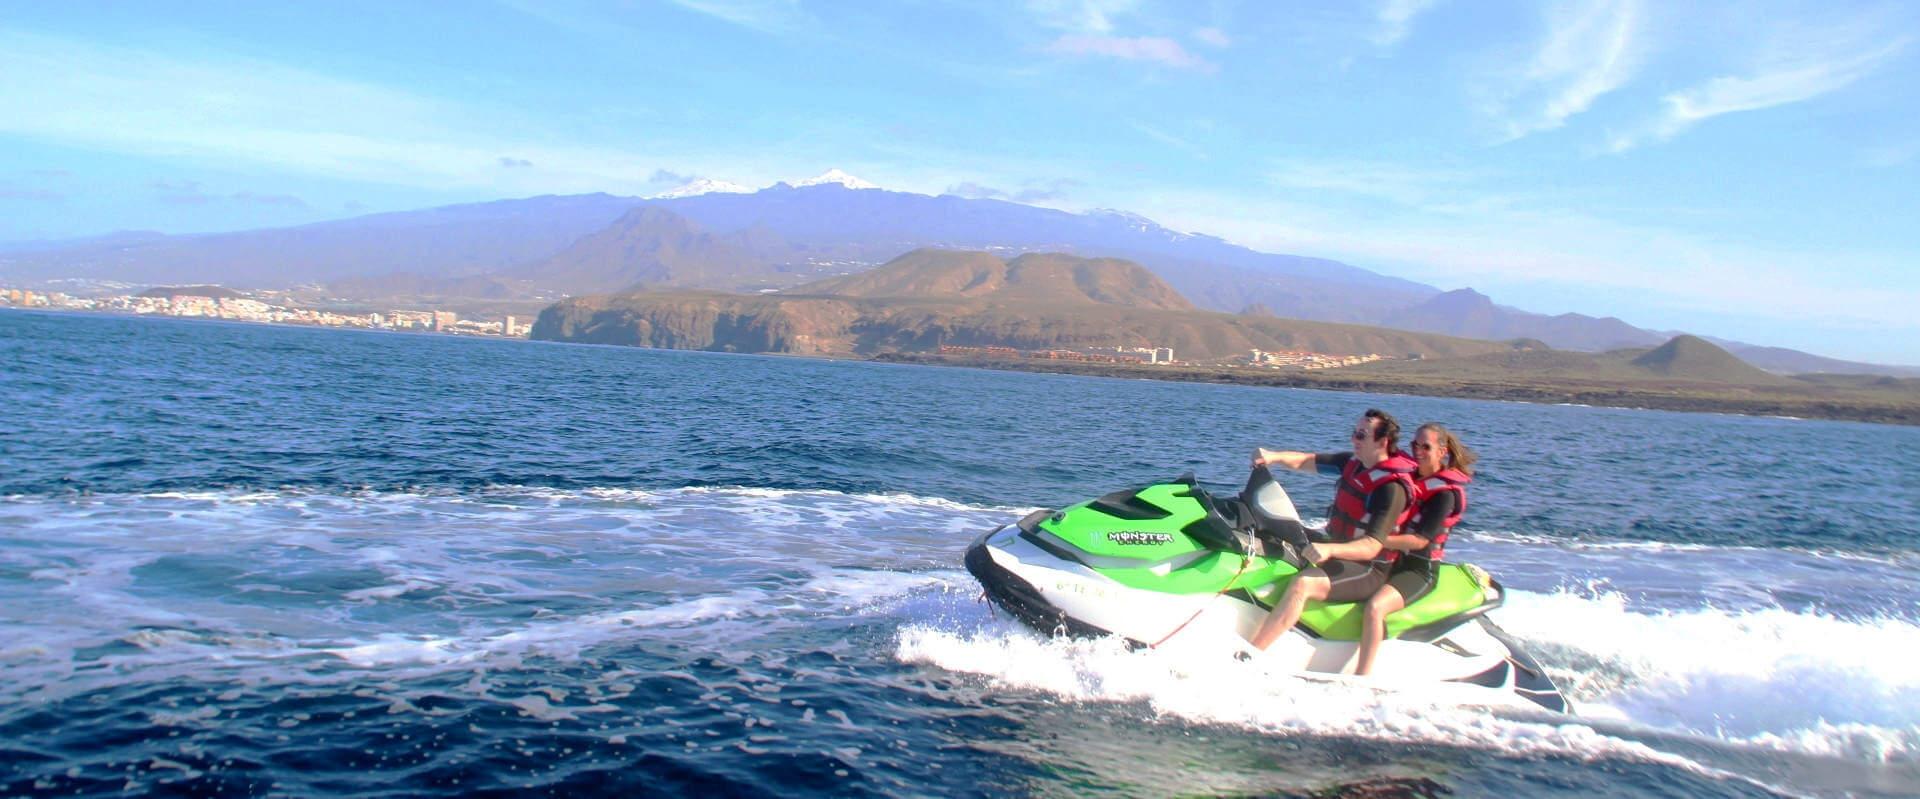 jet ski in Tenerife